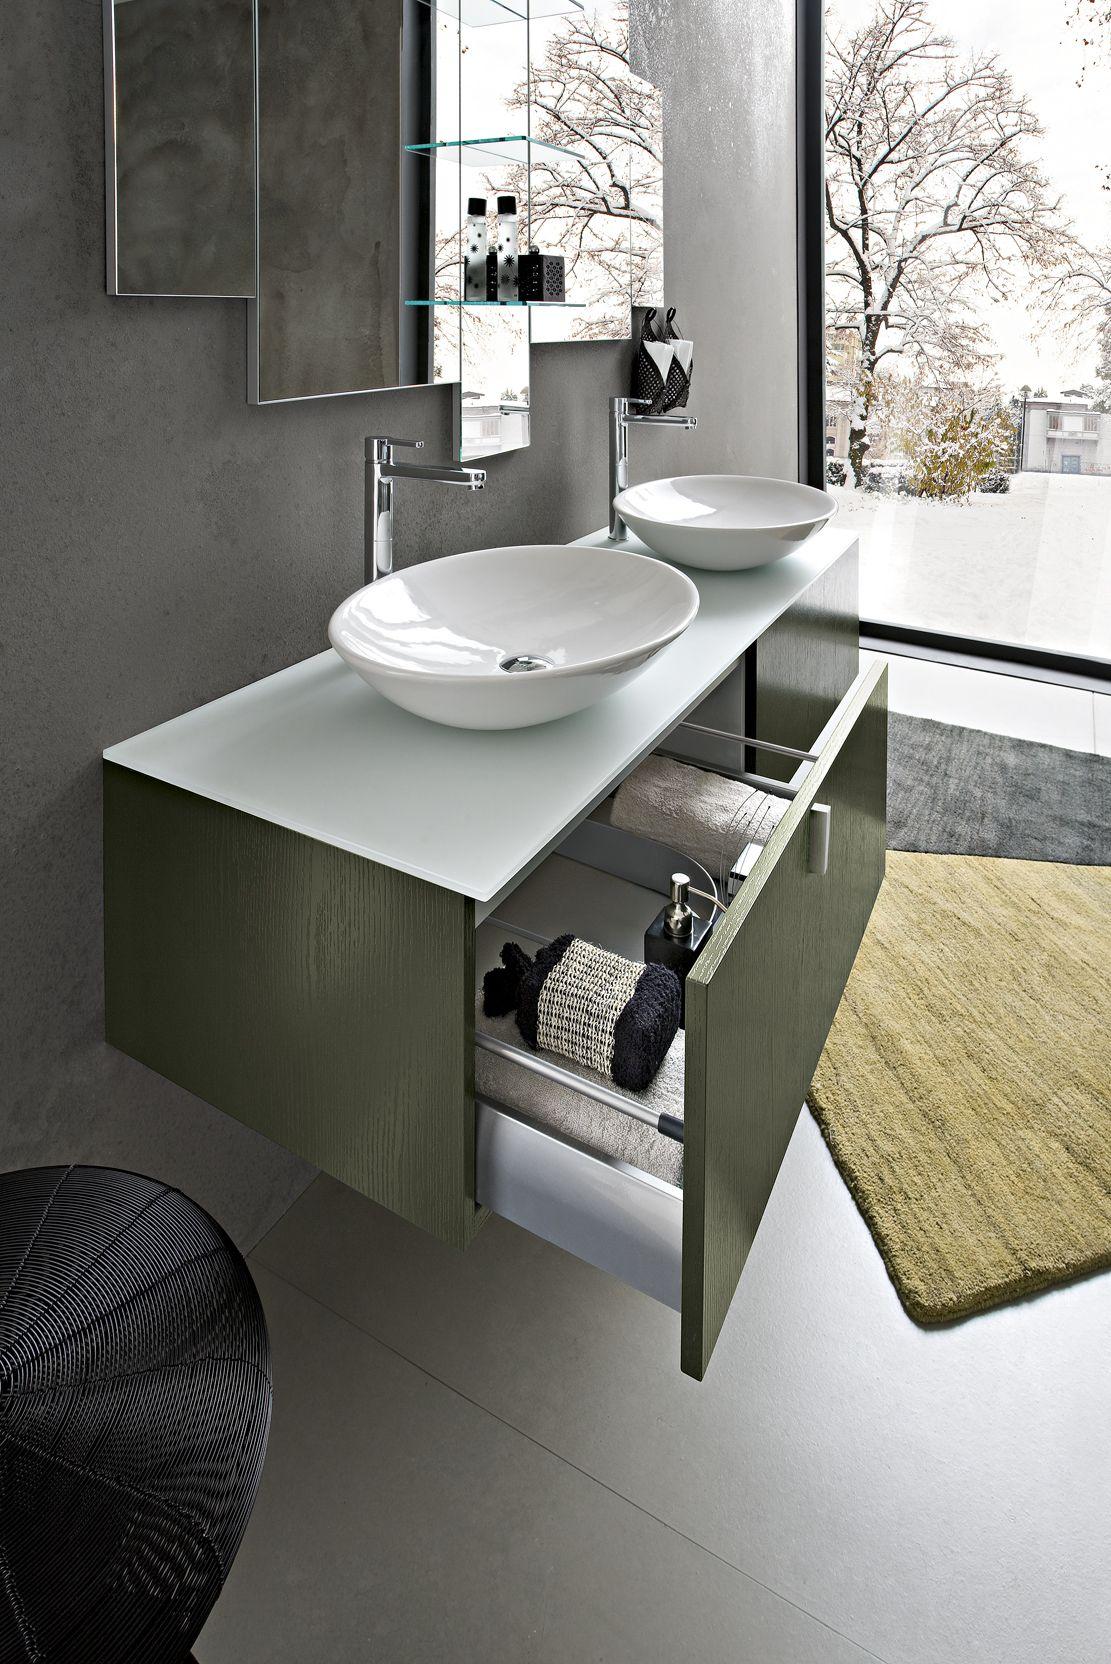 Bagno Play con finitura laccato verde muschio VO-5 su rovere poro aperto http://www.cerasa.it/it ...